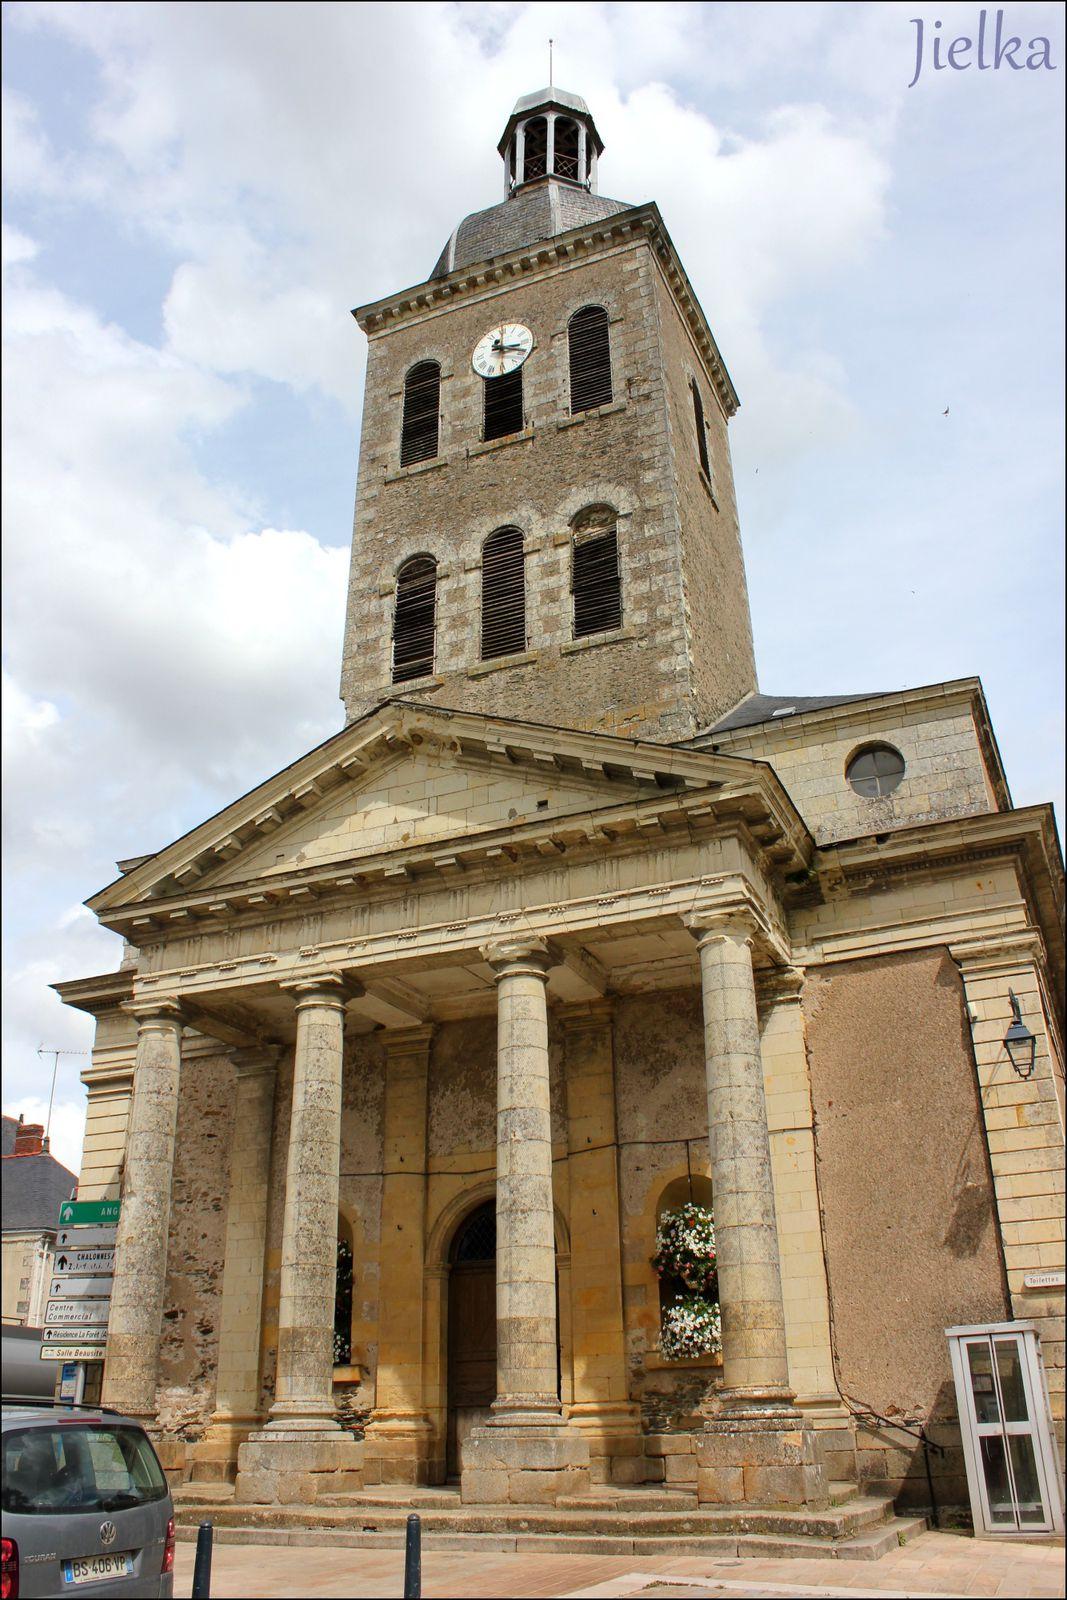 l'église a été construite en 1825